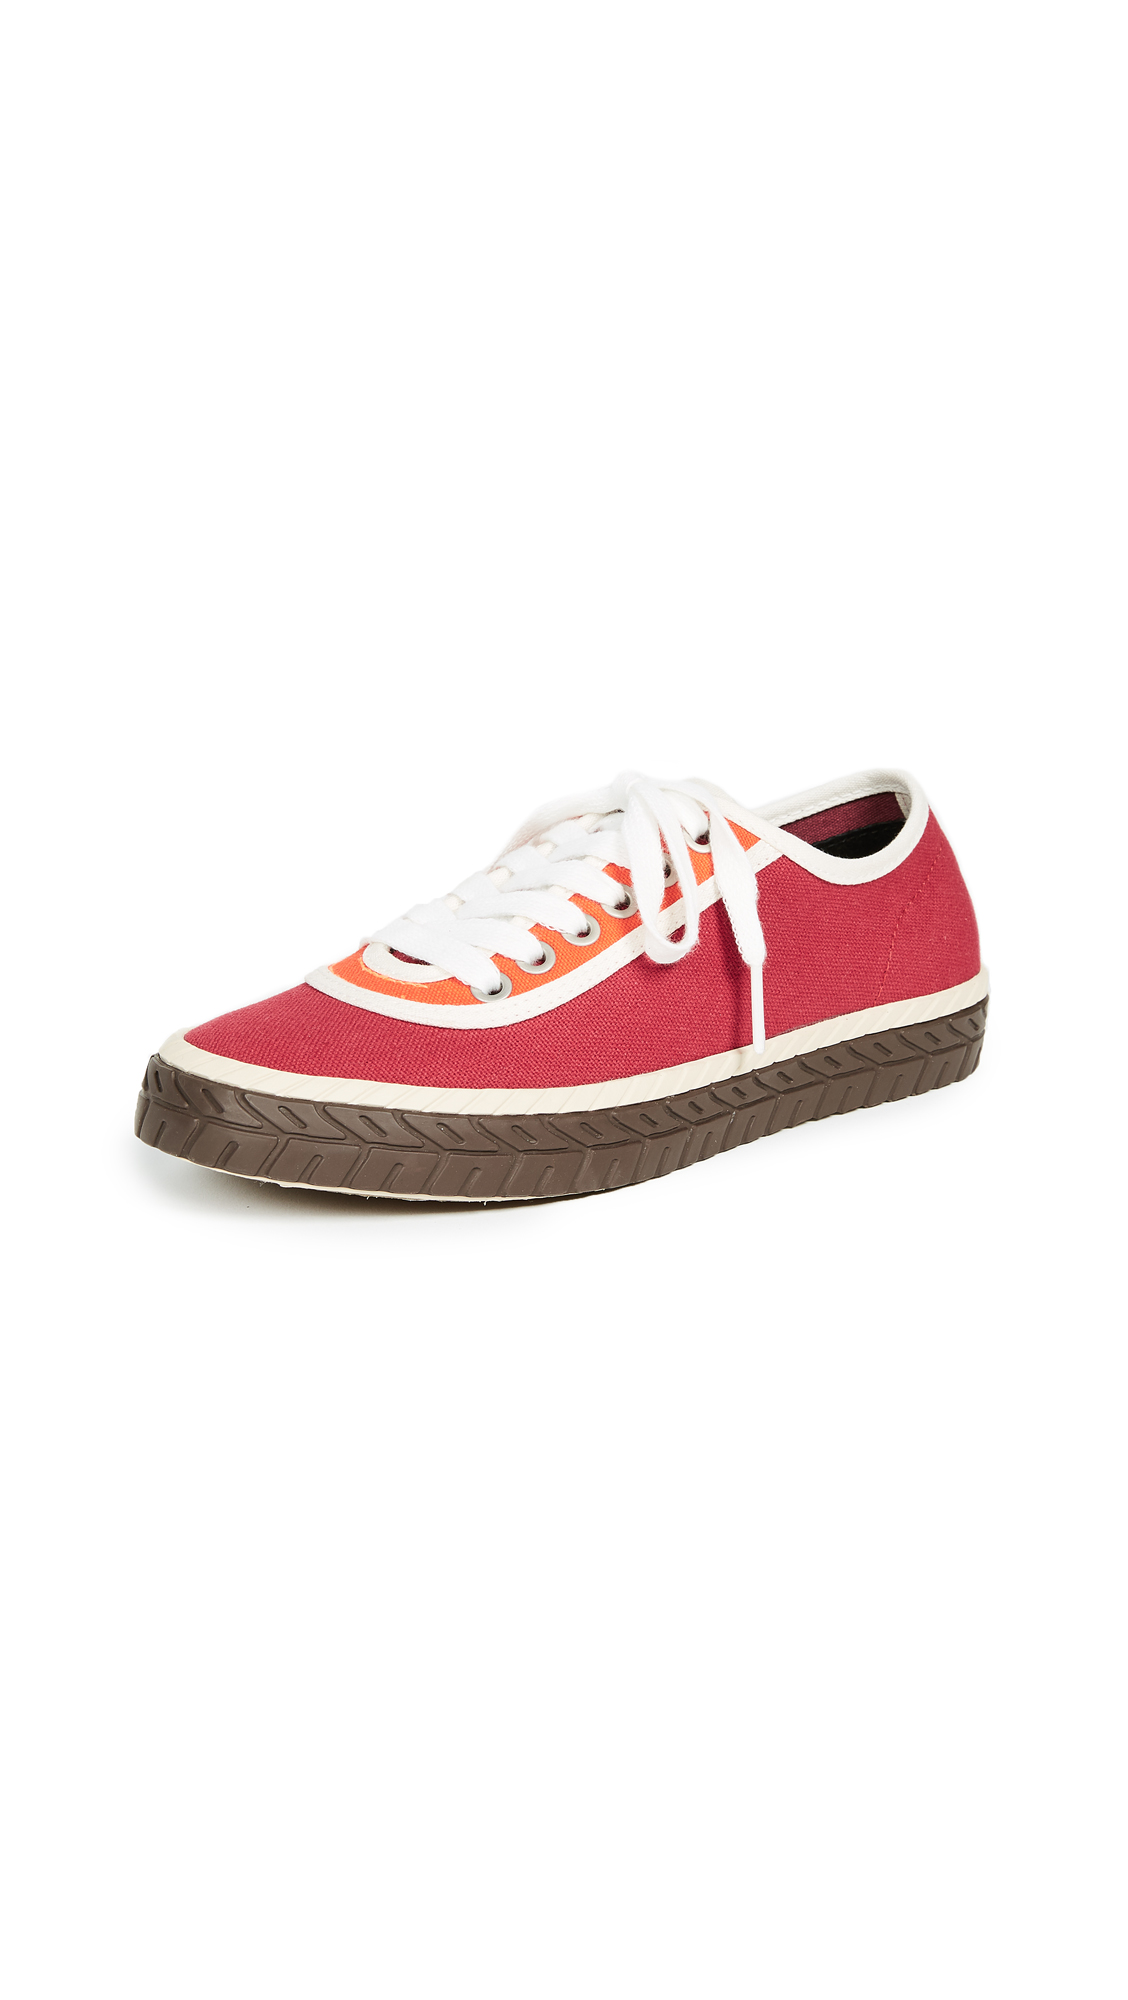 Marni Classic Sneakers - Lipstick Orange